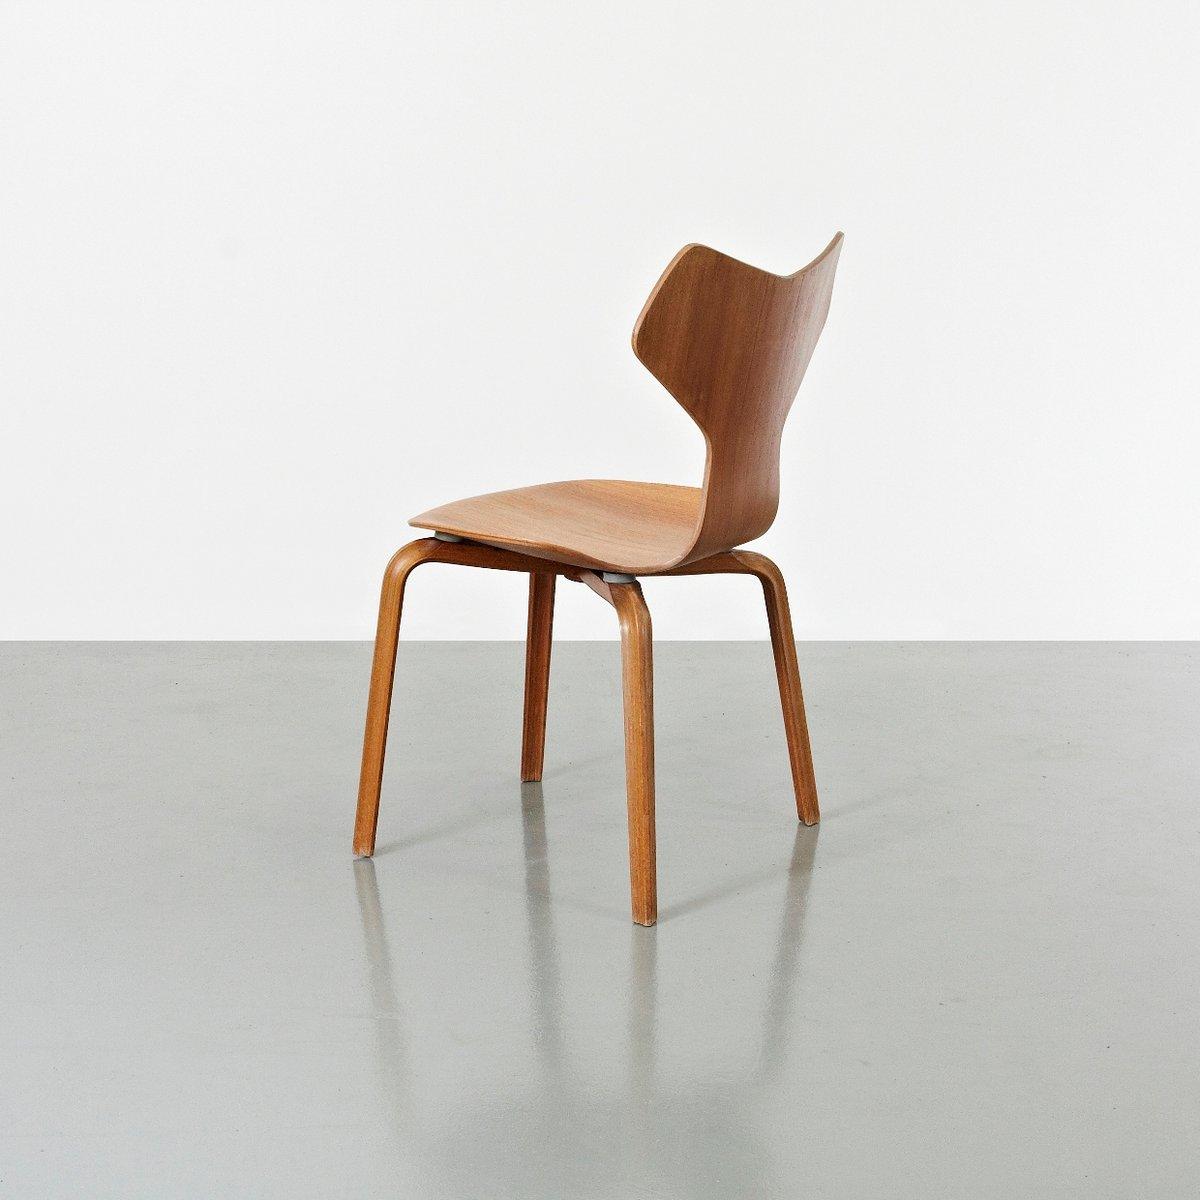 grand prix st hle von arne jacobsen f r fritz hansen 1957 2er set bei pamono kaufen. Black Bedroom Furniture Sets. Home Design Ideas